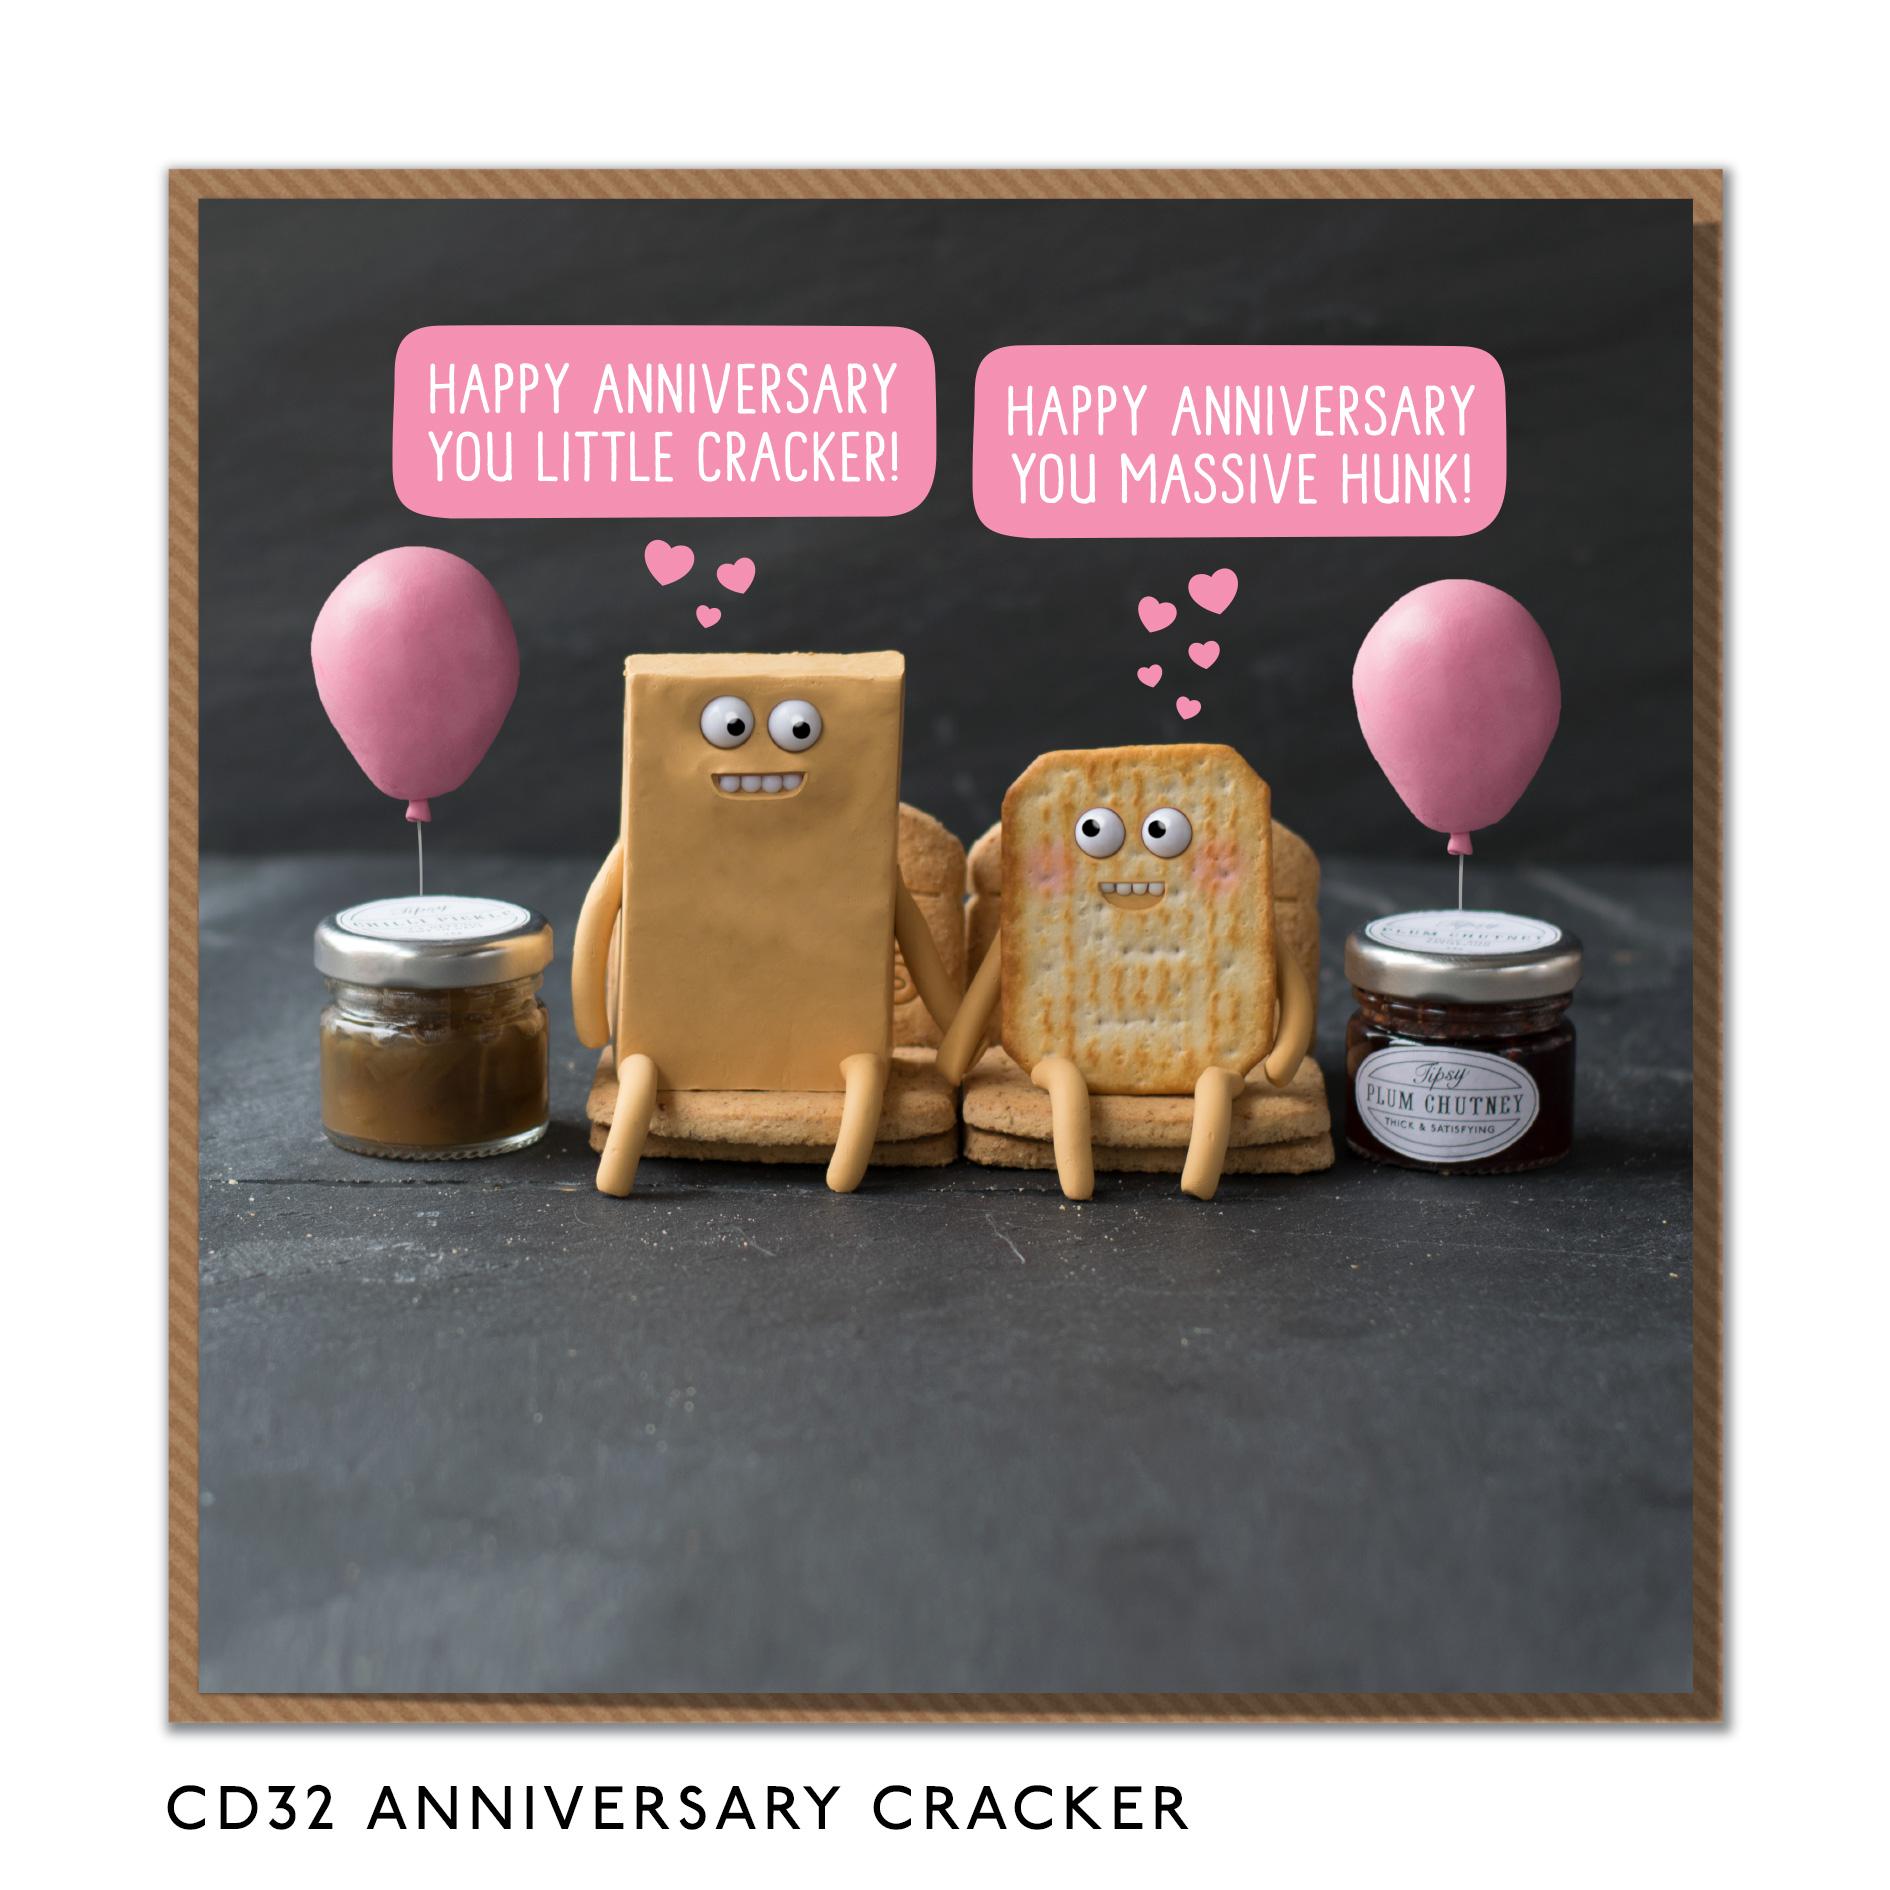 CD32-ANNIVERSARY-CRACKER.jpg